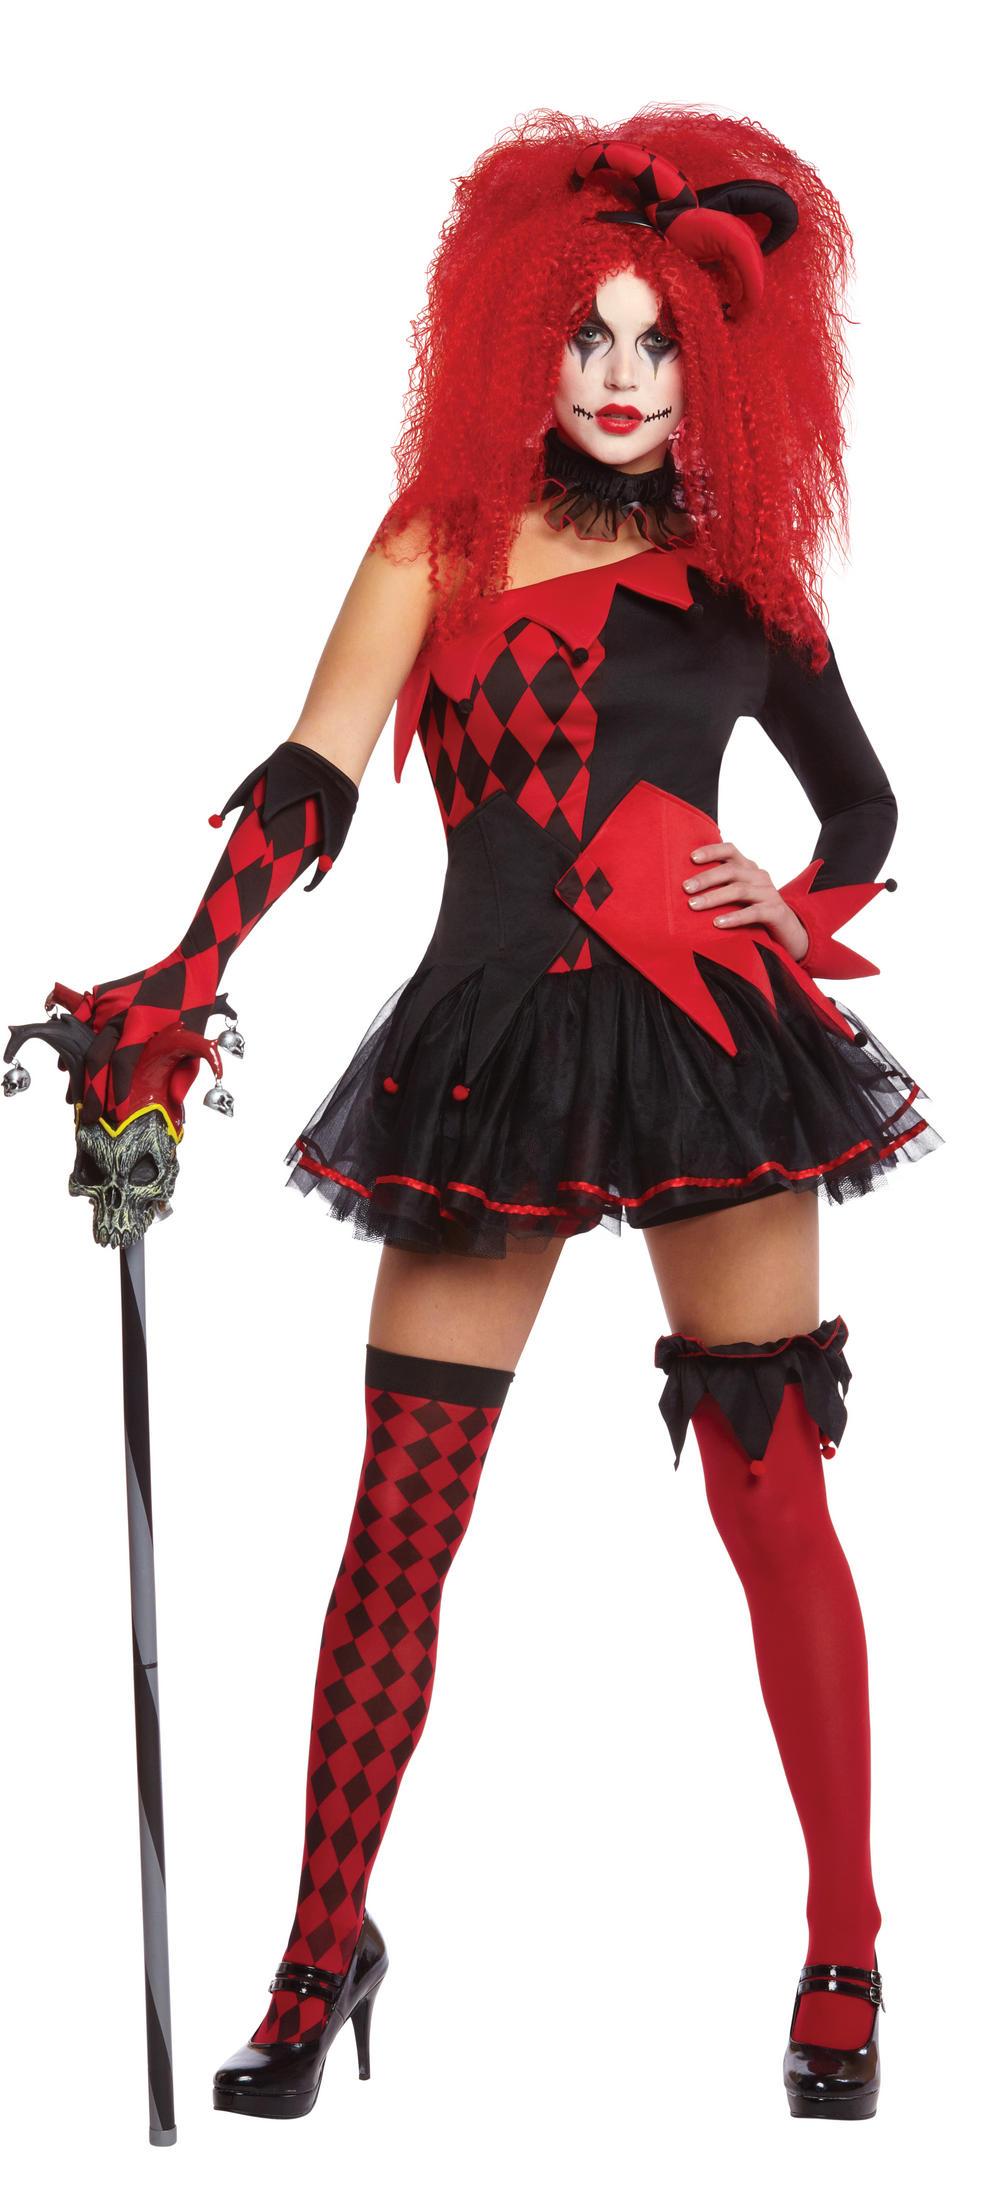 Jesterina Halloween Costume